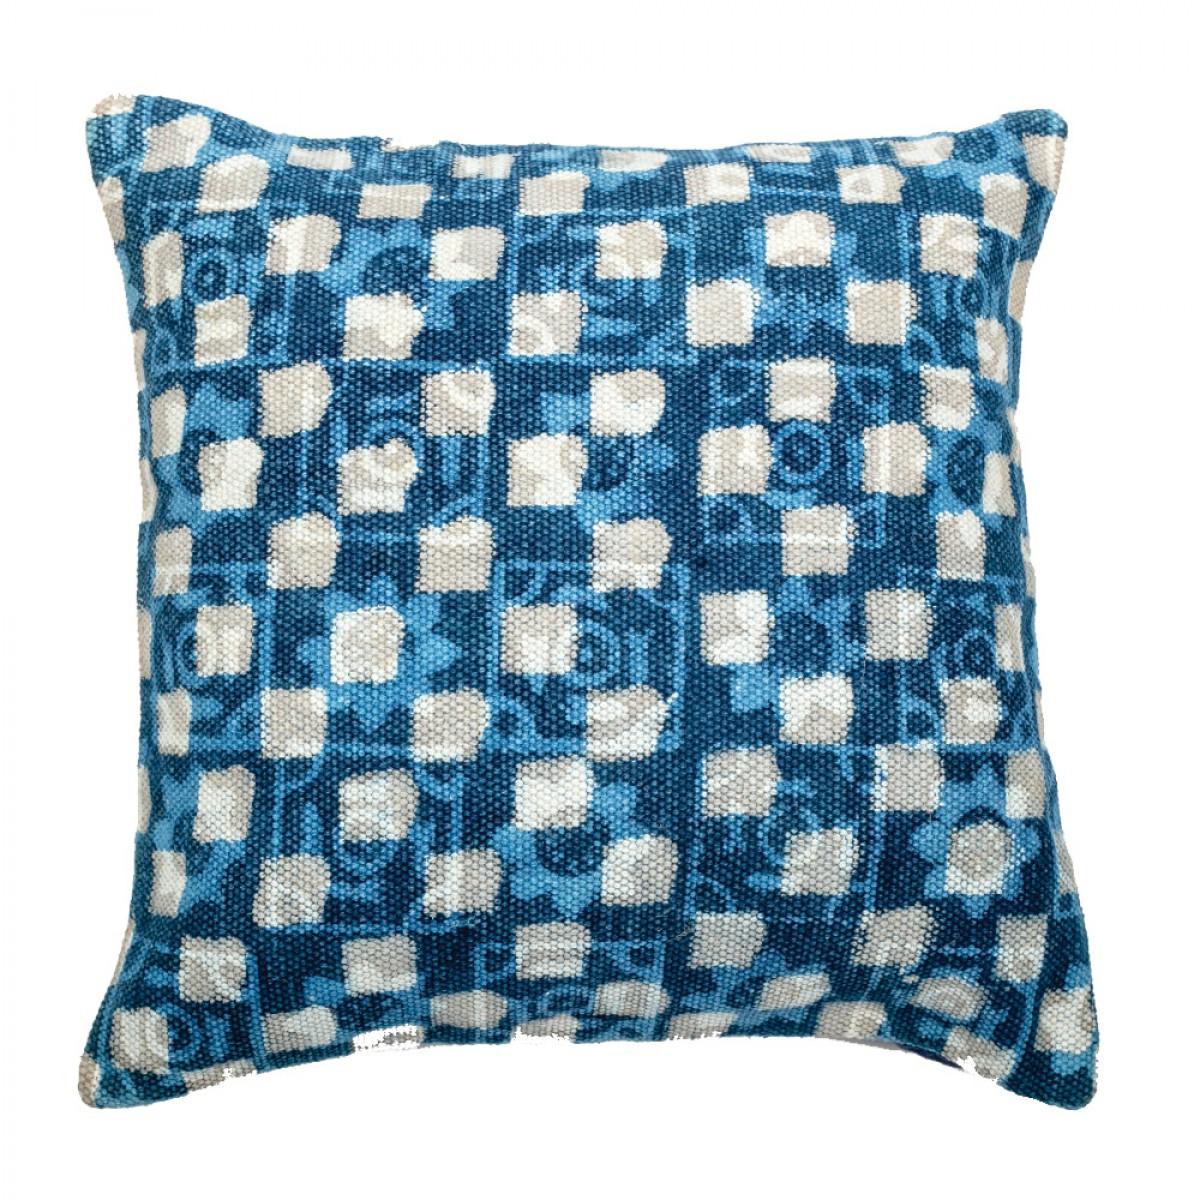 Indigo Cotton Cushion Cover - Cube